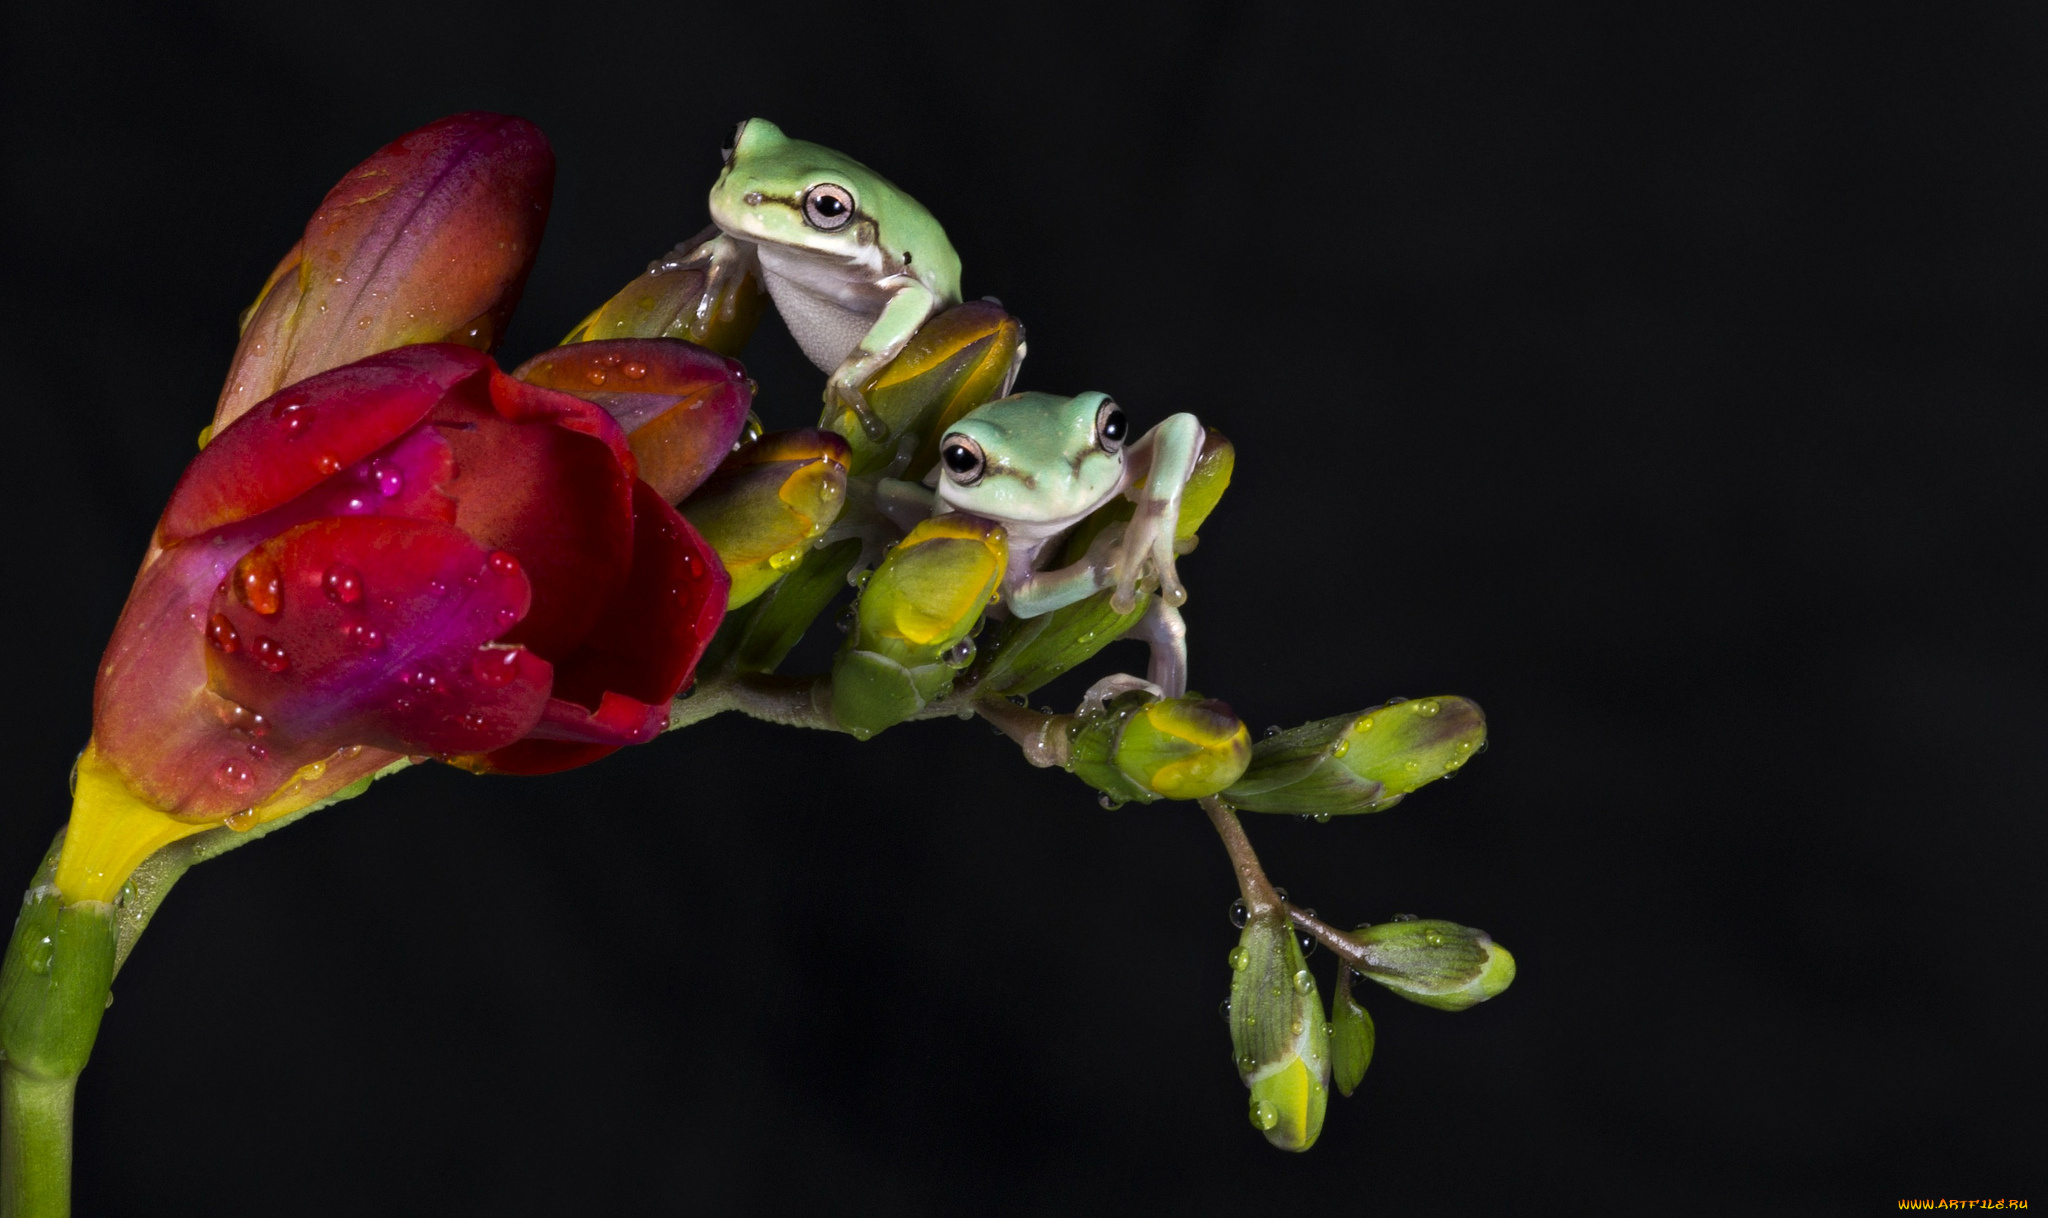 природа цветы животное лягушка  № 3068585 бесплатно